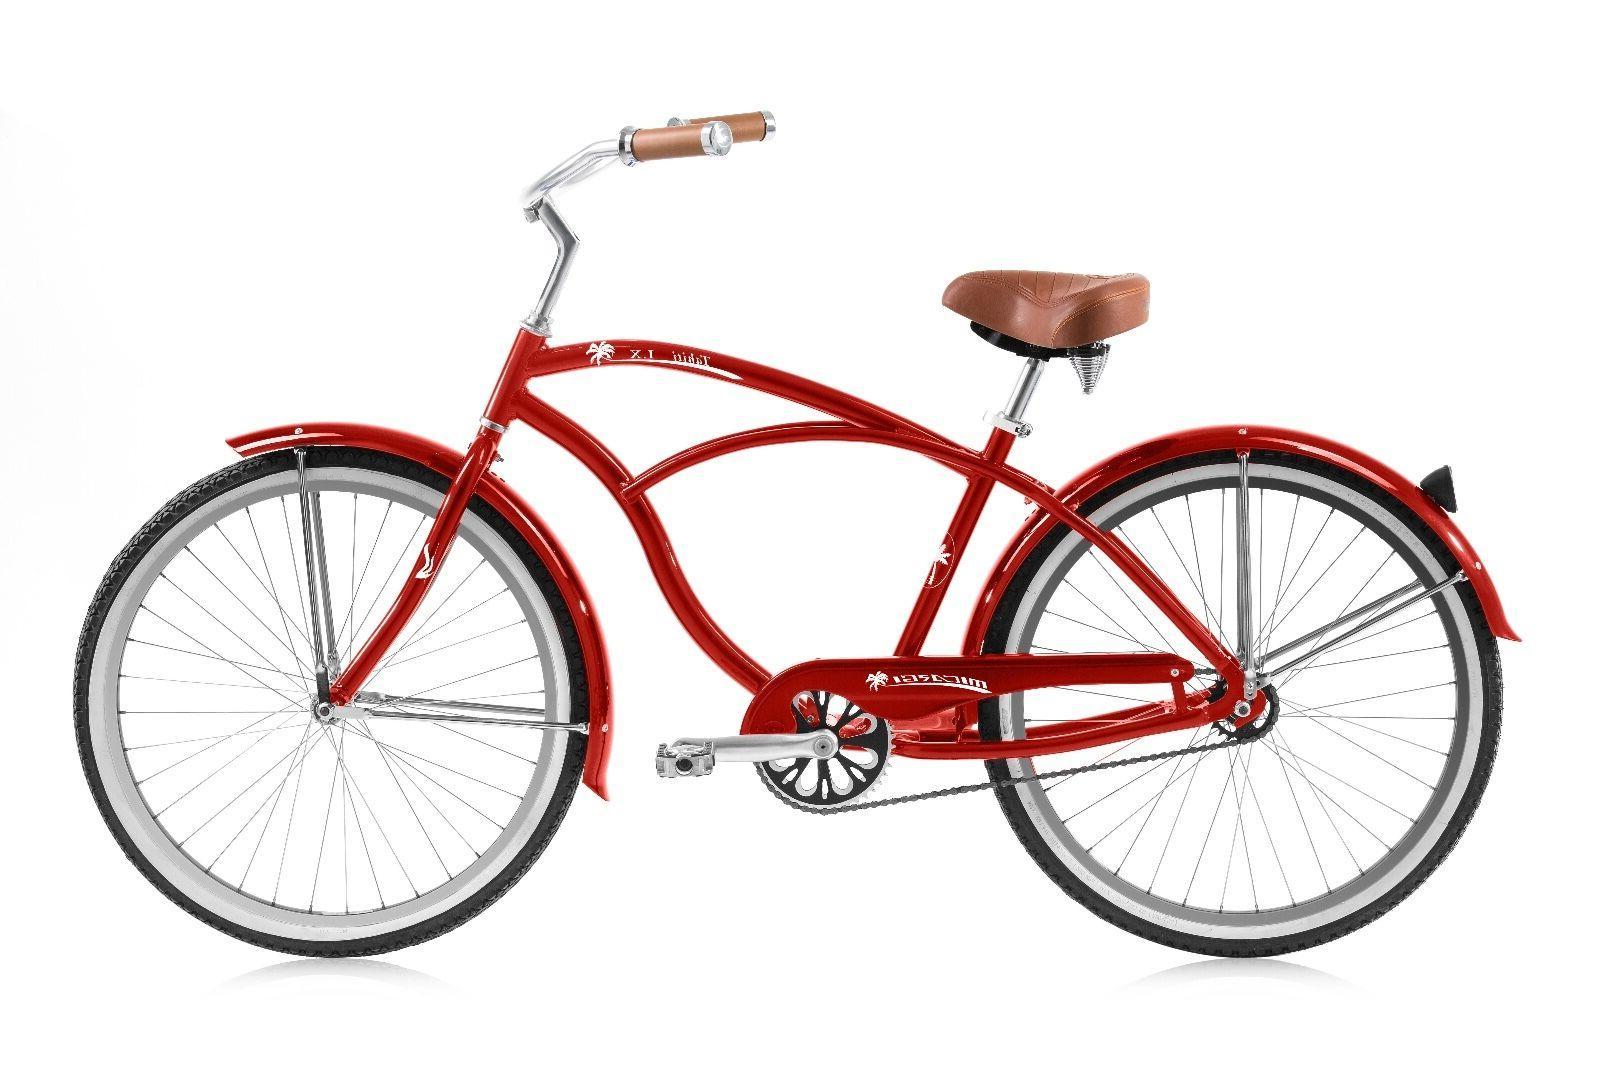 Micargi Tahiti LX, Aluminum Bike Brown and